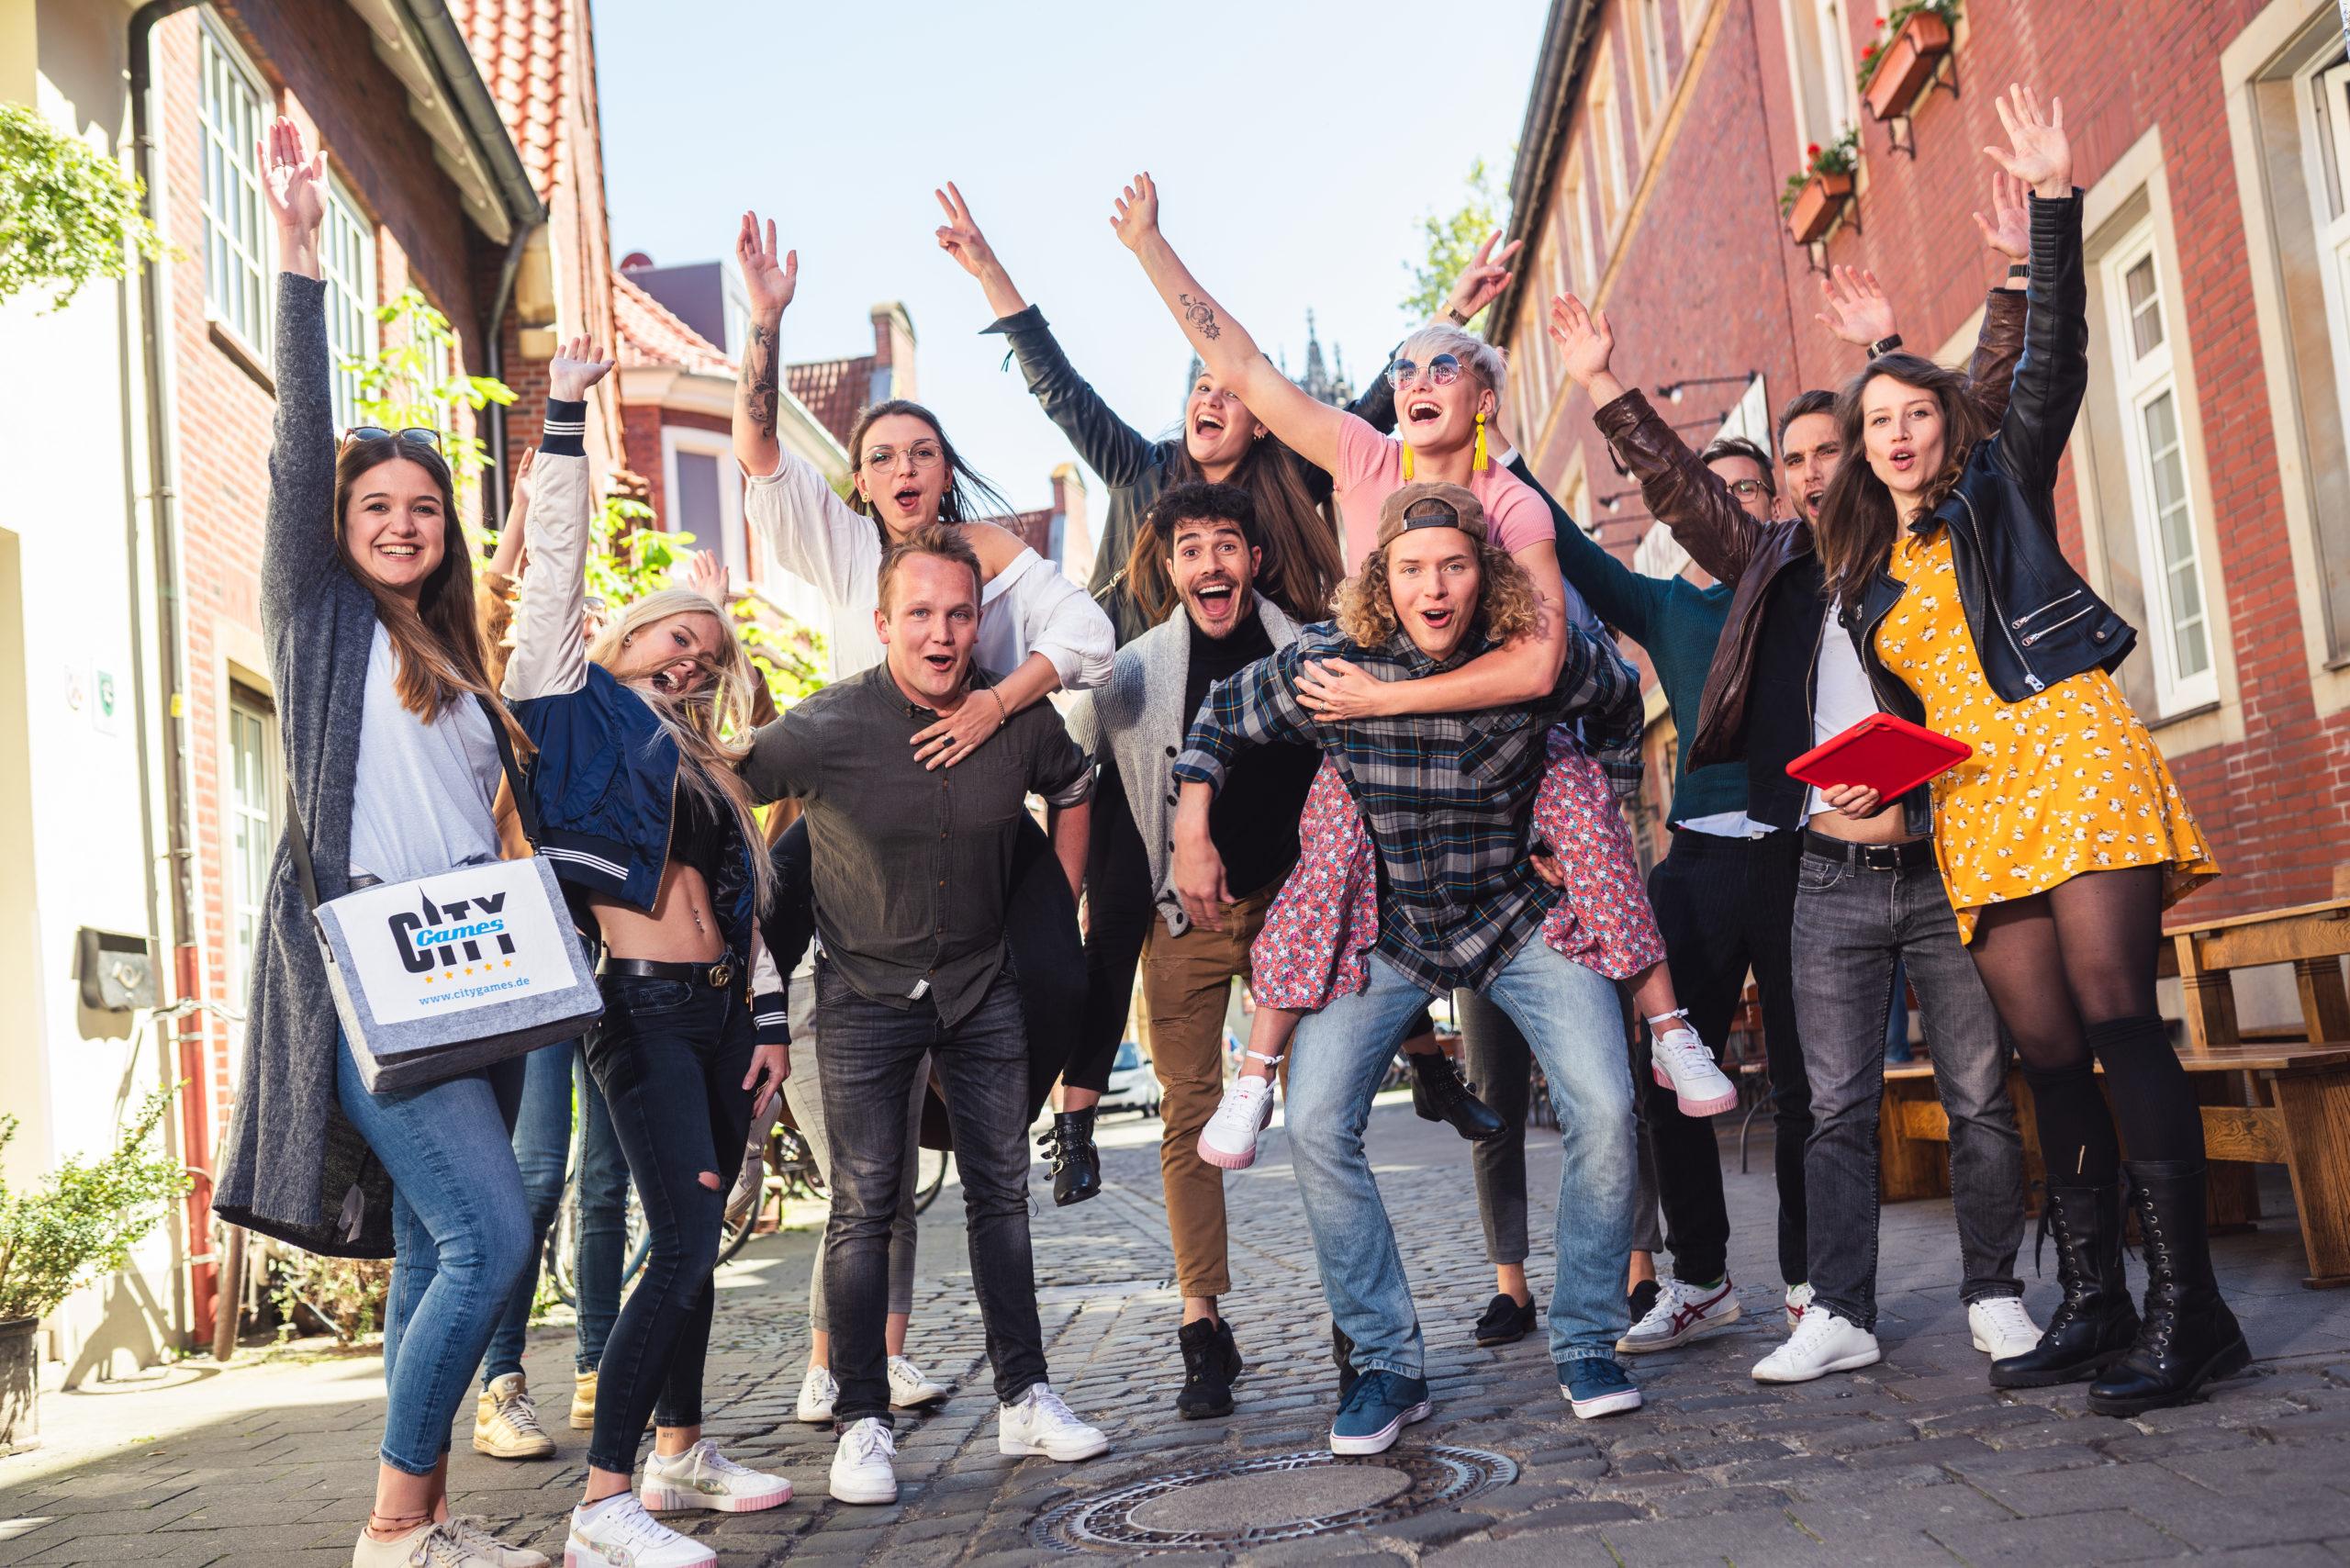 CityGames Leipzig Student Tour: Gruppe Studenten - beschwingt und glücklich